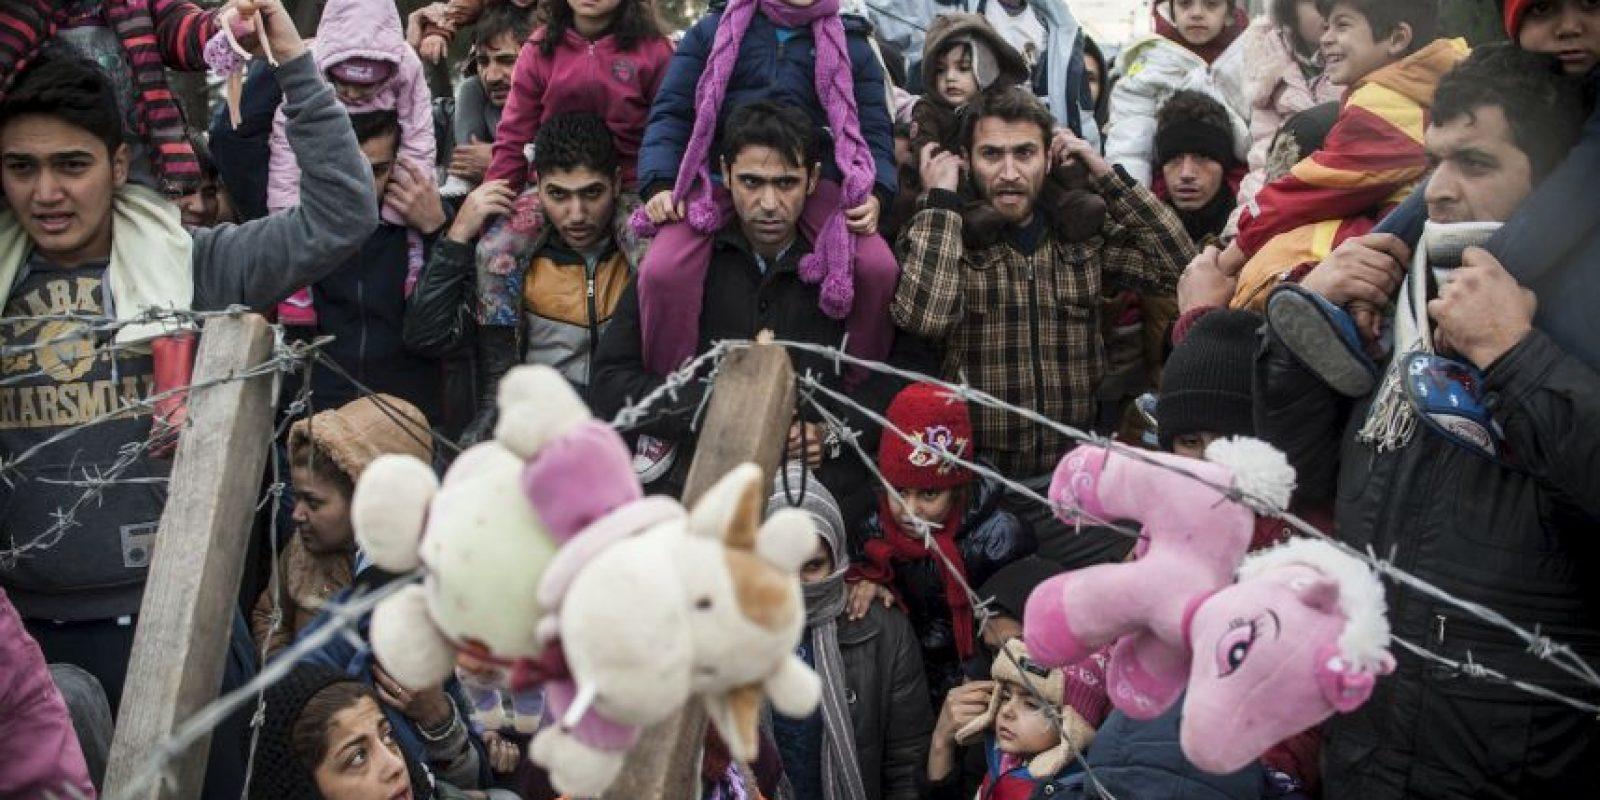 Migrantes protestan en la frontera de Grecia y Macedonia. Foto:AFP